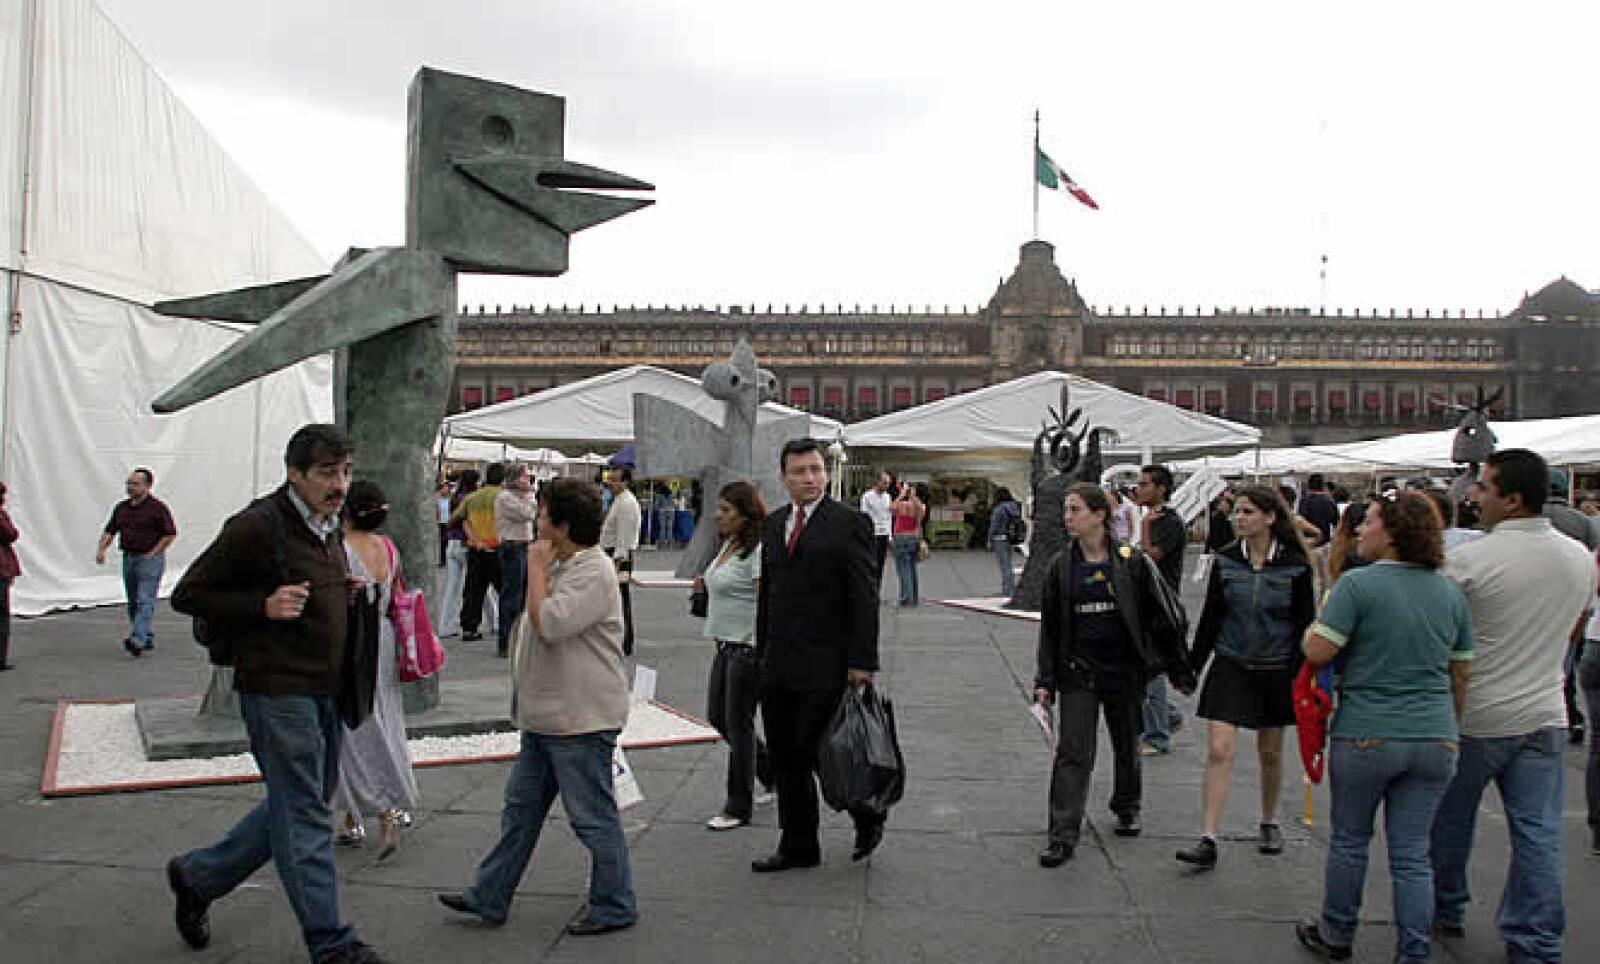 El jefe de Gobierno del DF, Marcelo Ebrard, decidió suspender 4 días la Feria Internacional del Libro del Zócalo para garantizar la seguridad de los visitantes ante la manifestación del jueves protagonizada por el Sindicato de Electricistas.